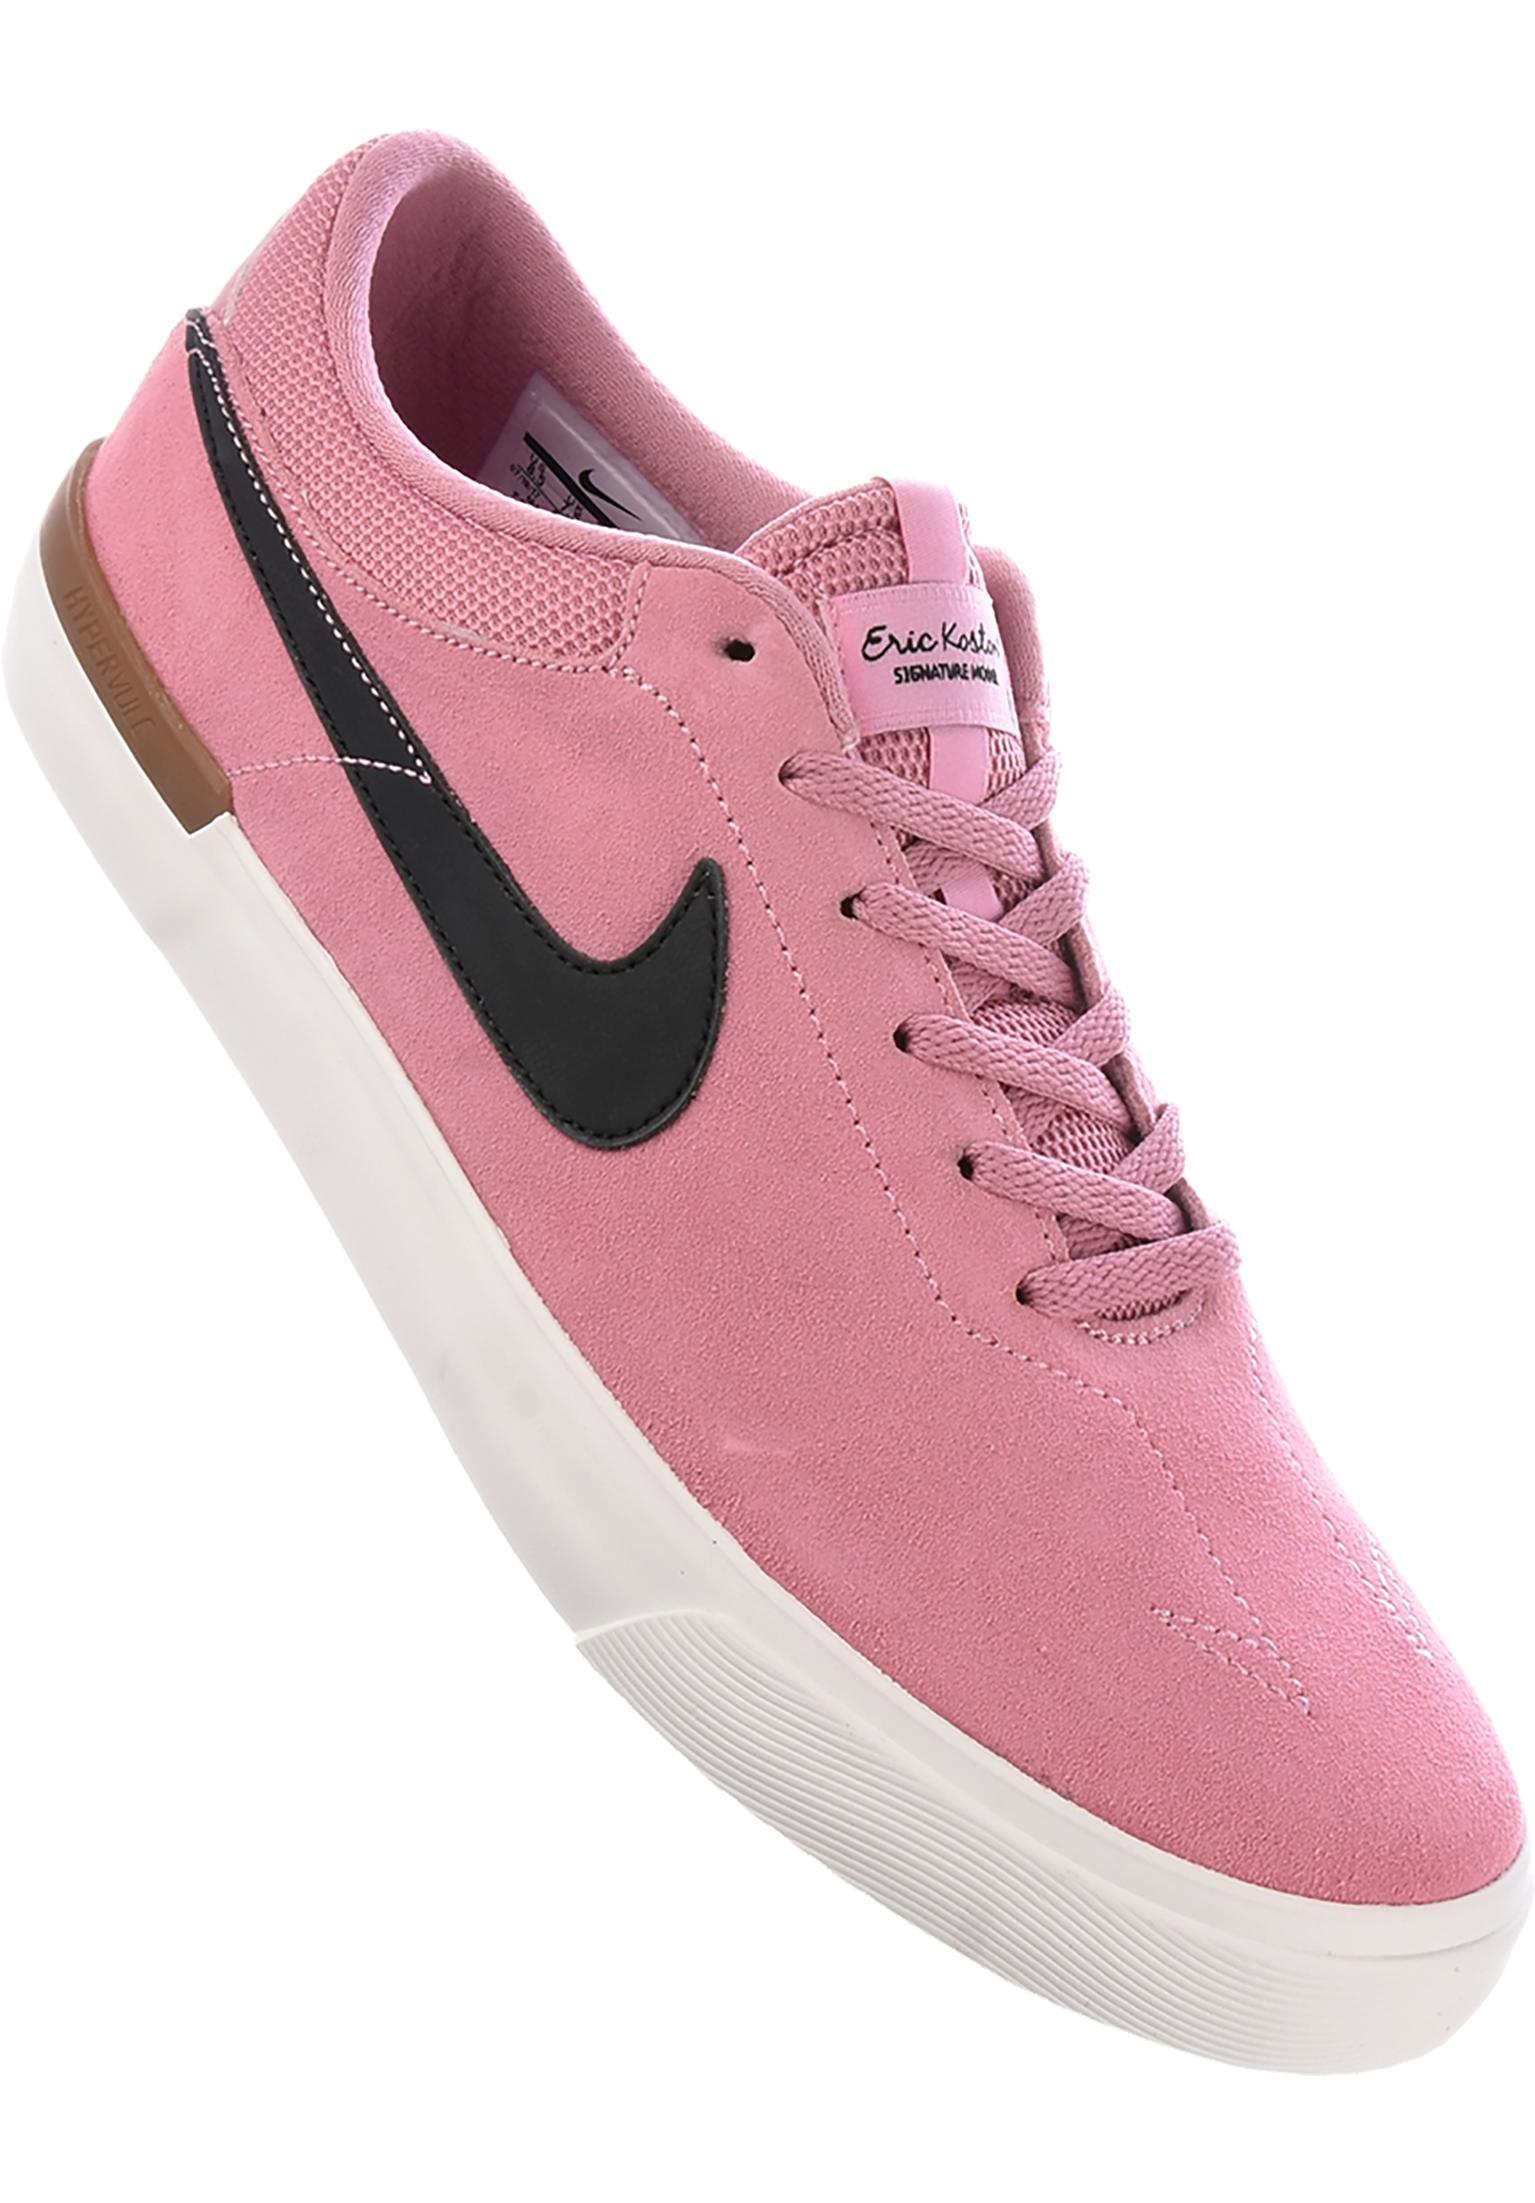 Nike Alle Für Black Schuhe In Sb Koston Elementalpink Hypervulc B5qOwOxt